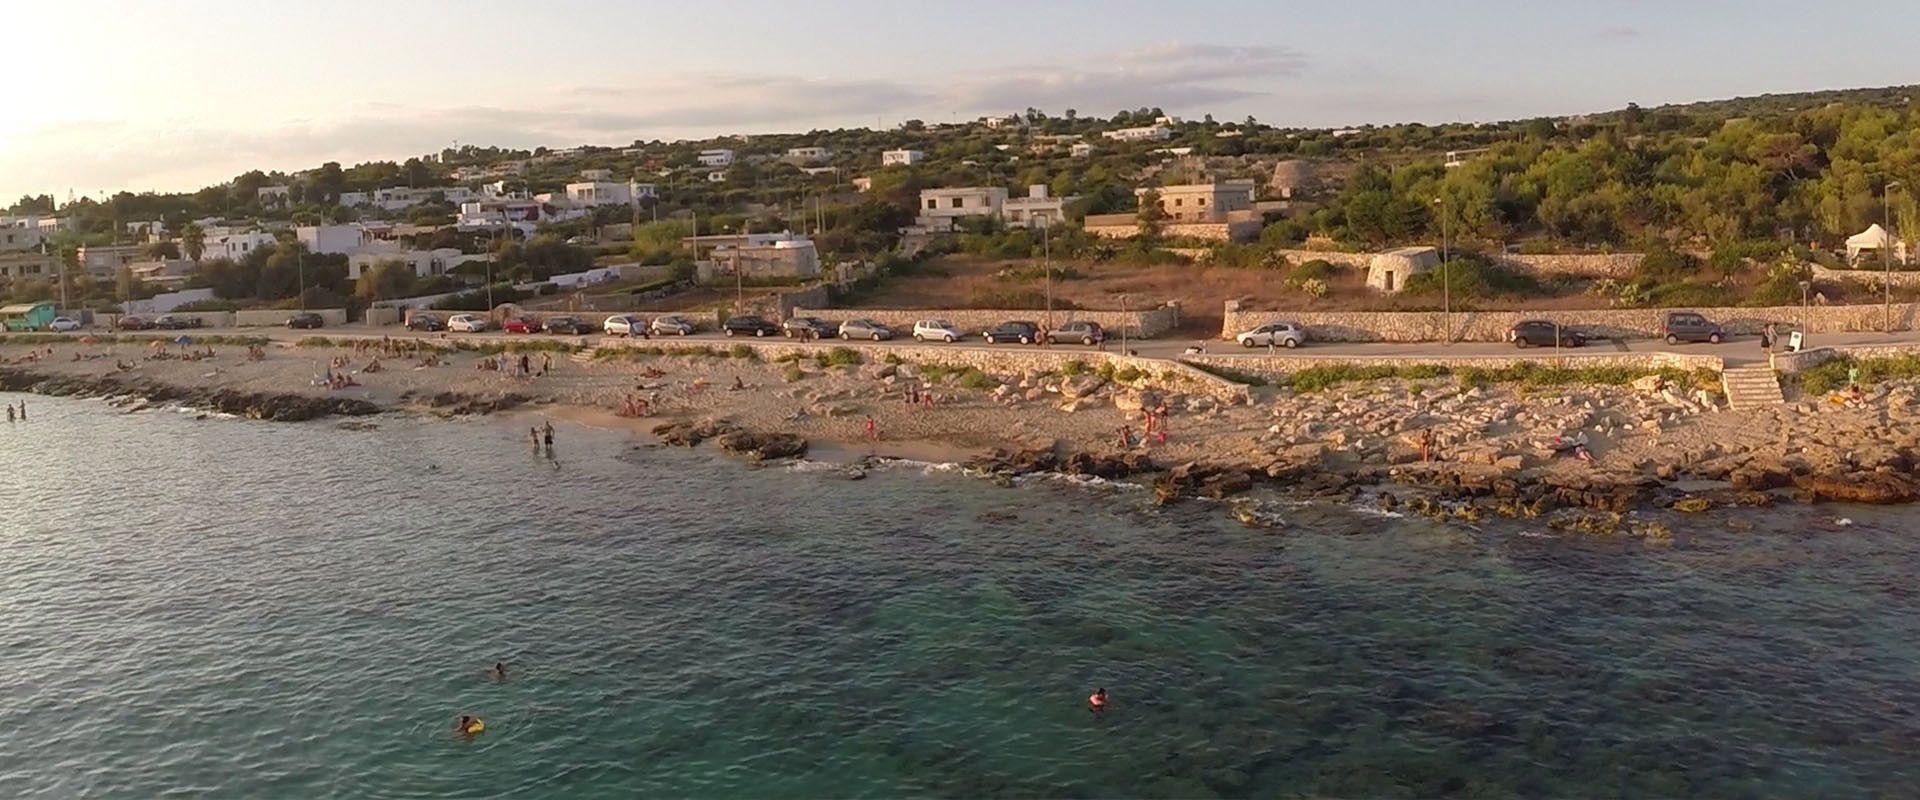 Campsites at the seaside in Puglia